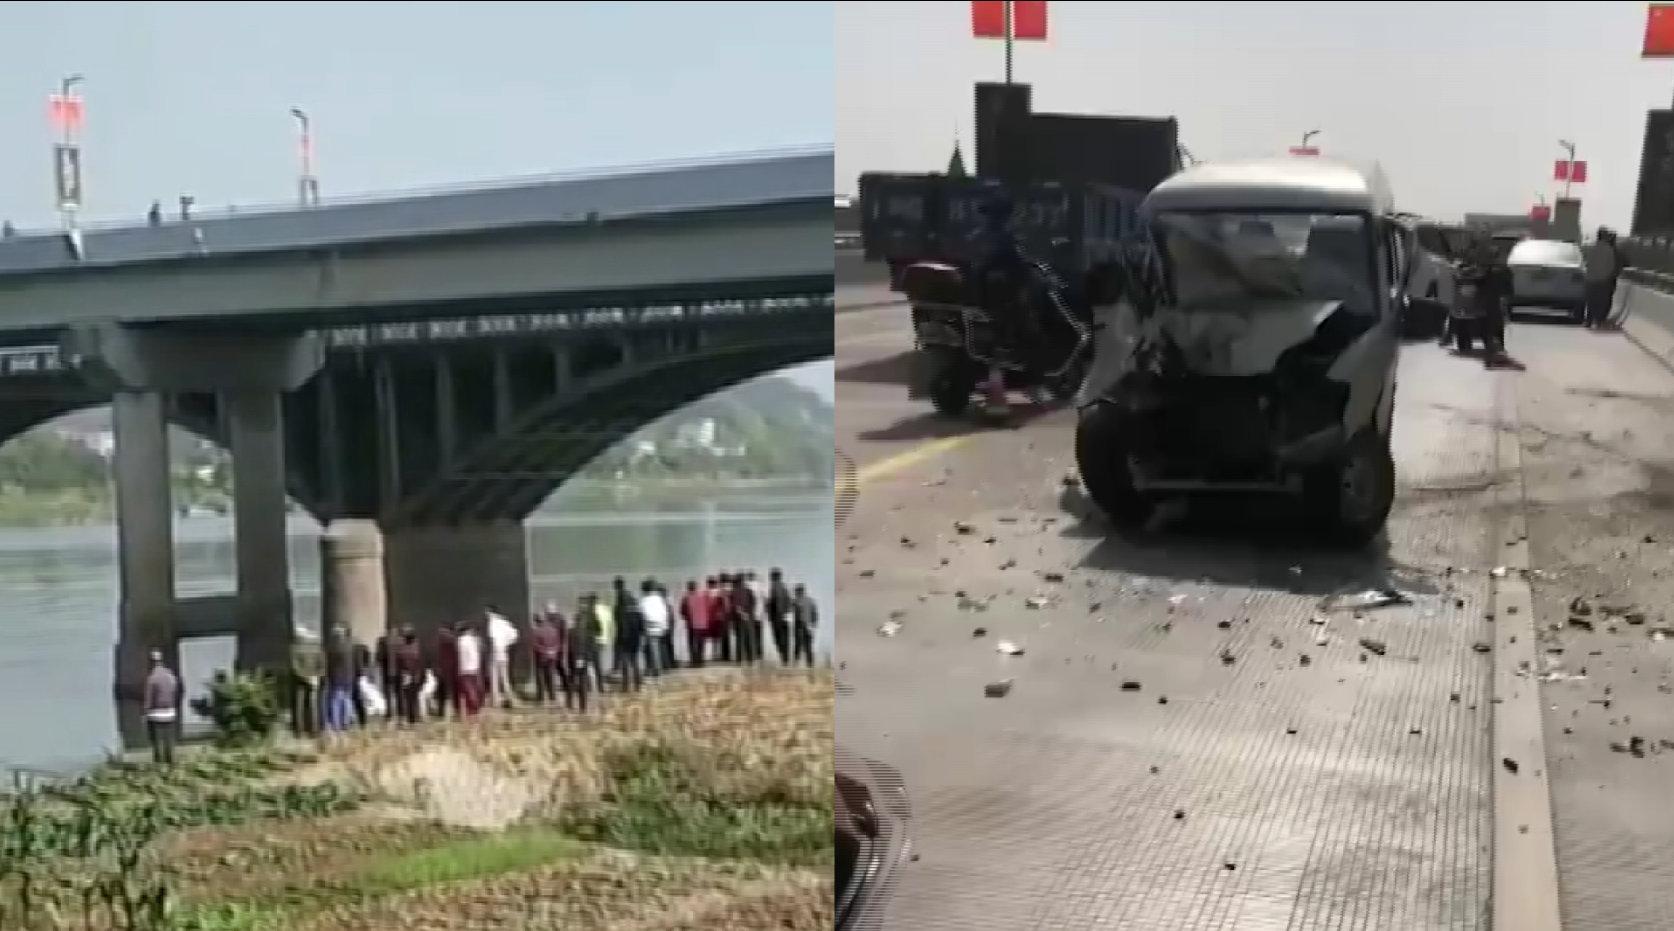 浙江兰溪南门大桥发生两车相撞事故,一小车被撞落水